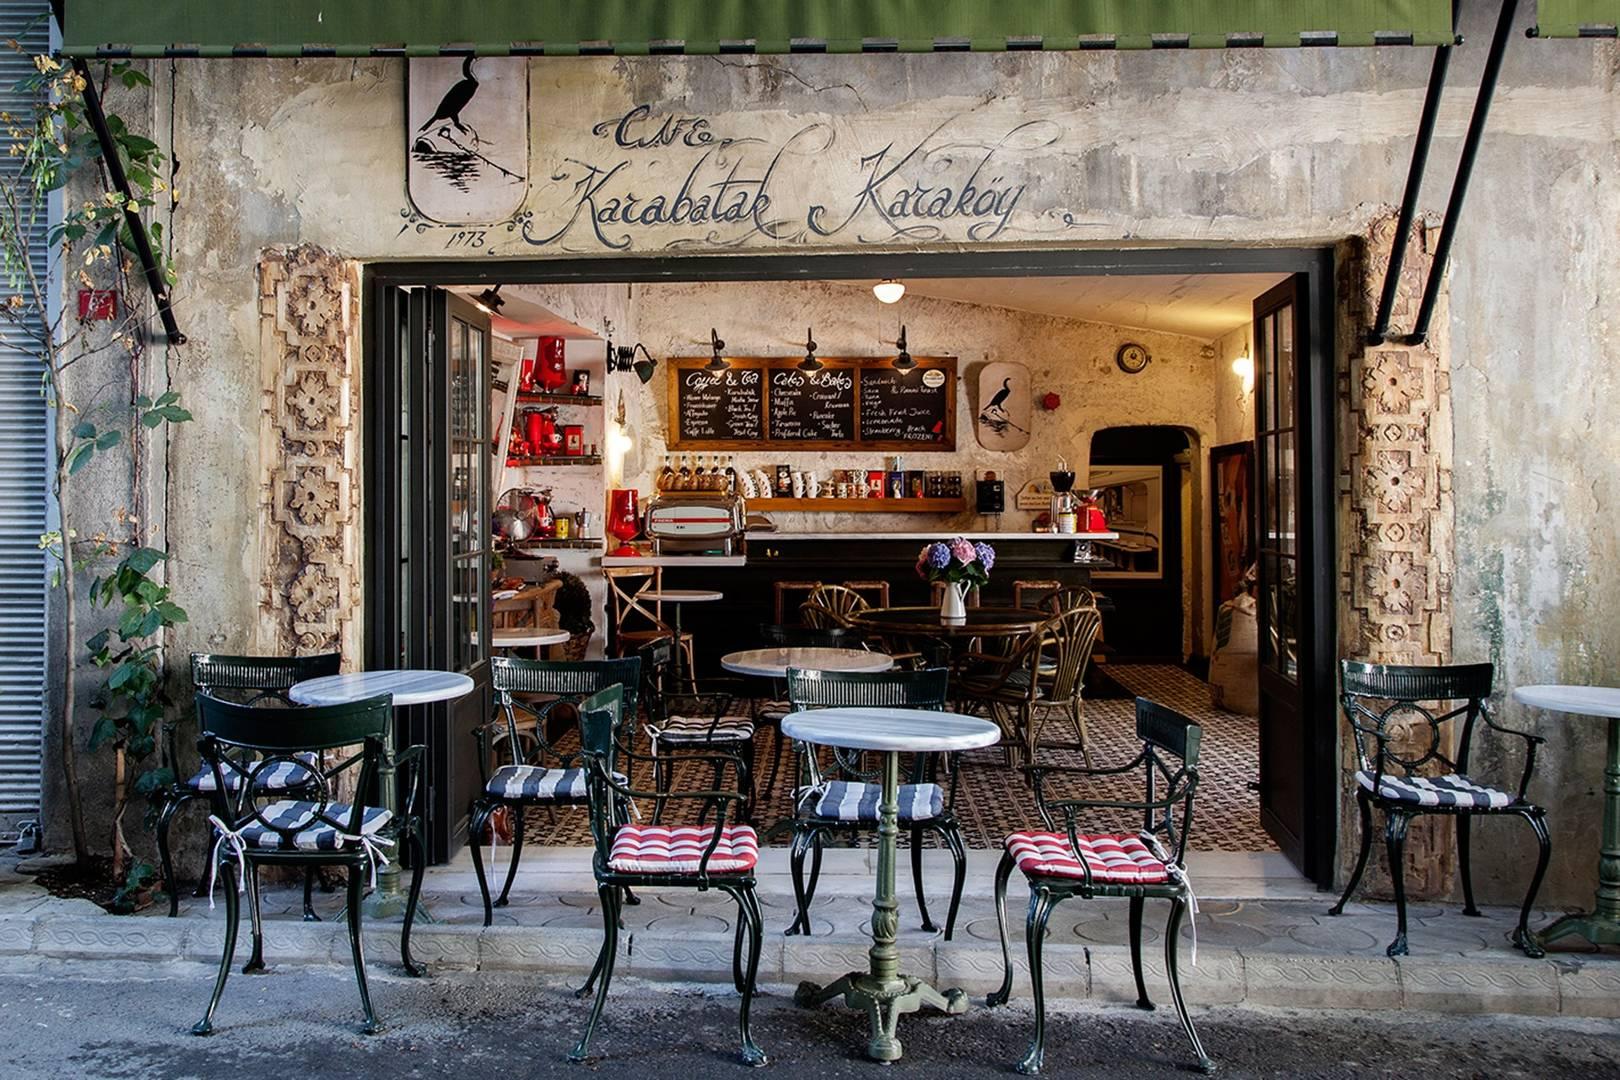 محله کاراکوی استانبول